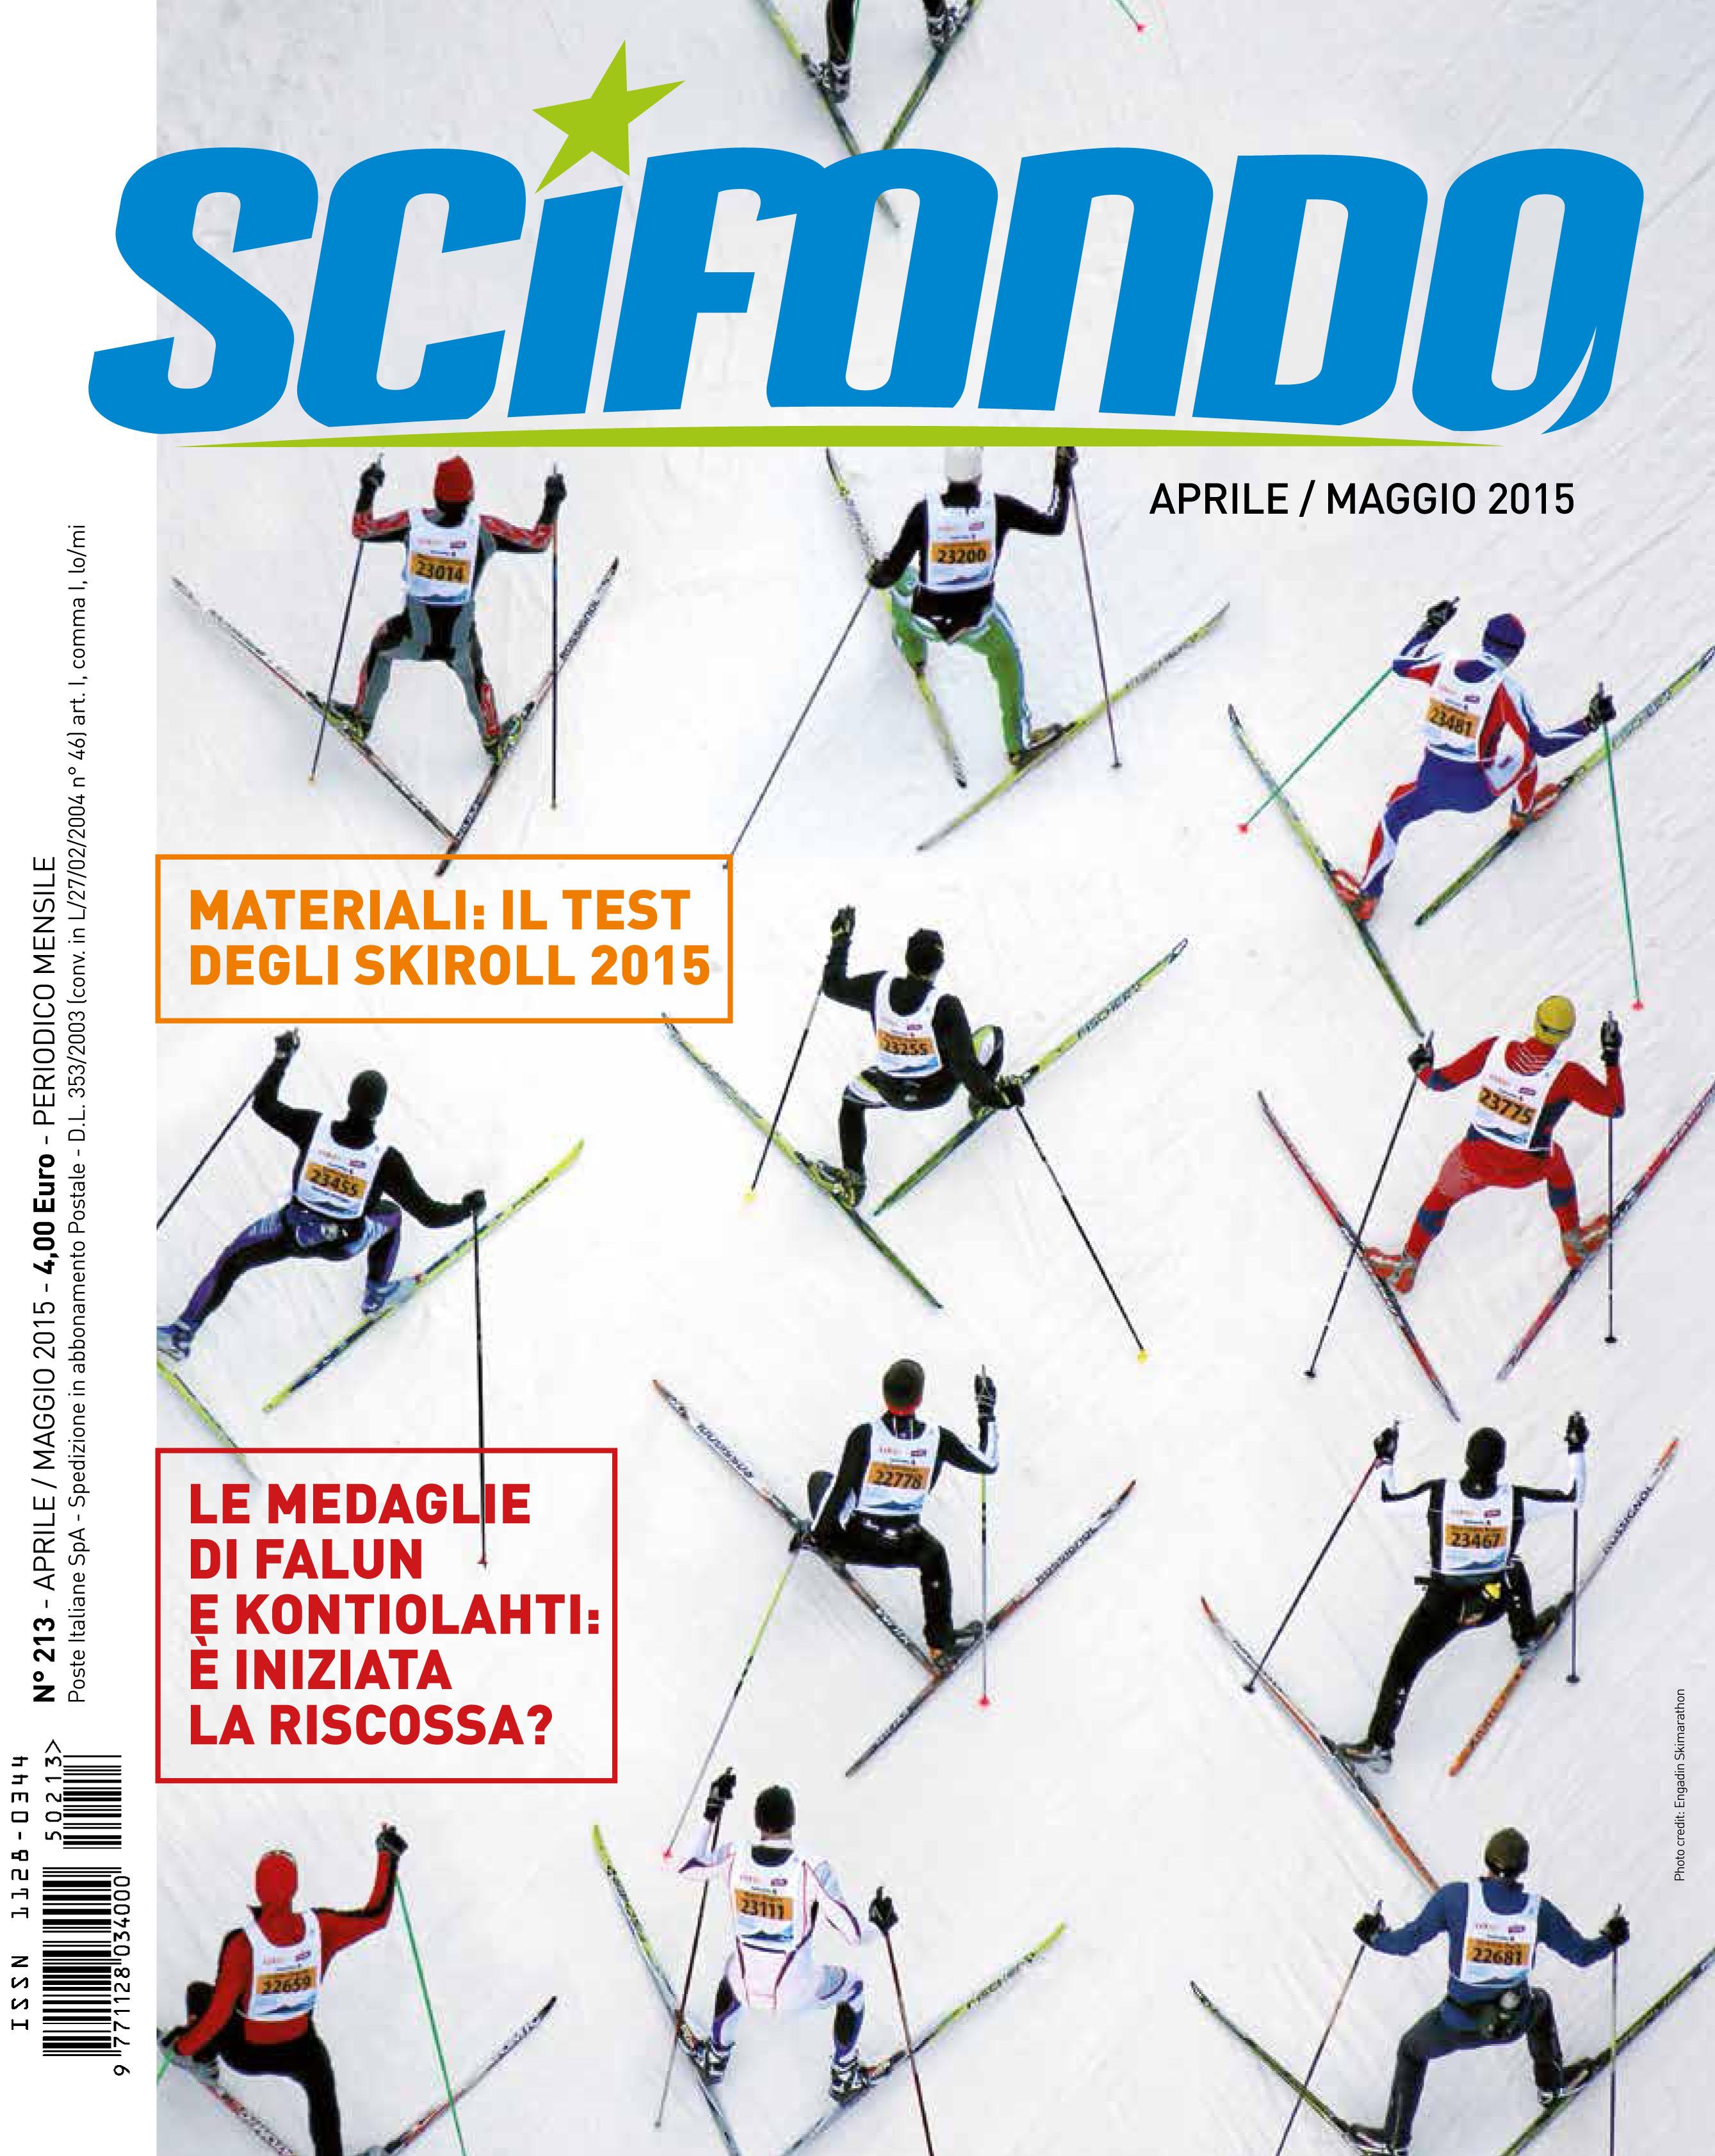 La nuova rivista Scifondo è in edicola